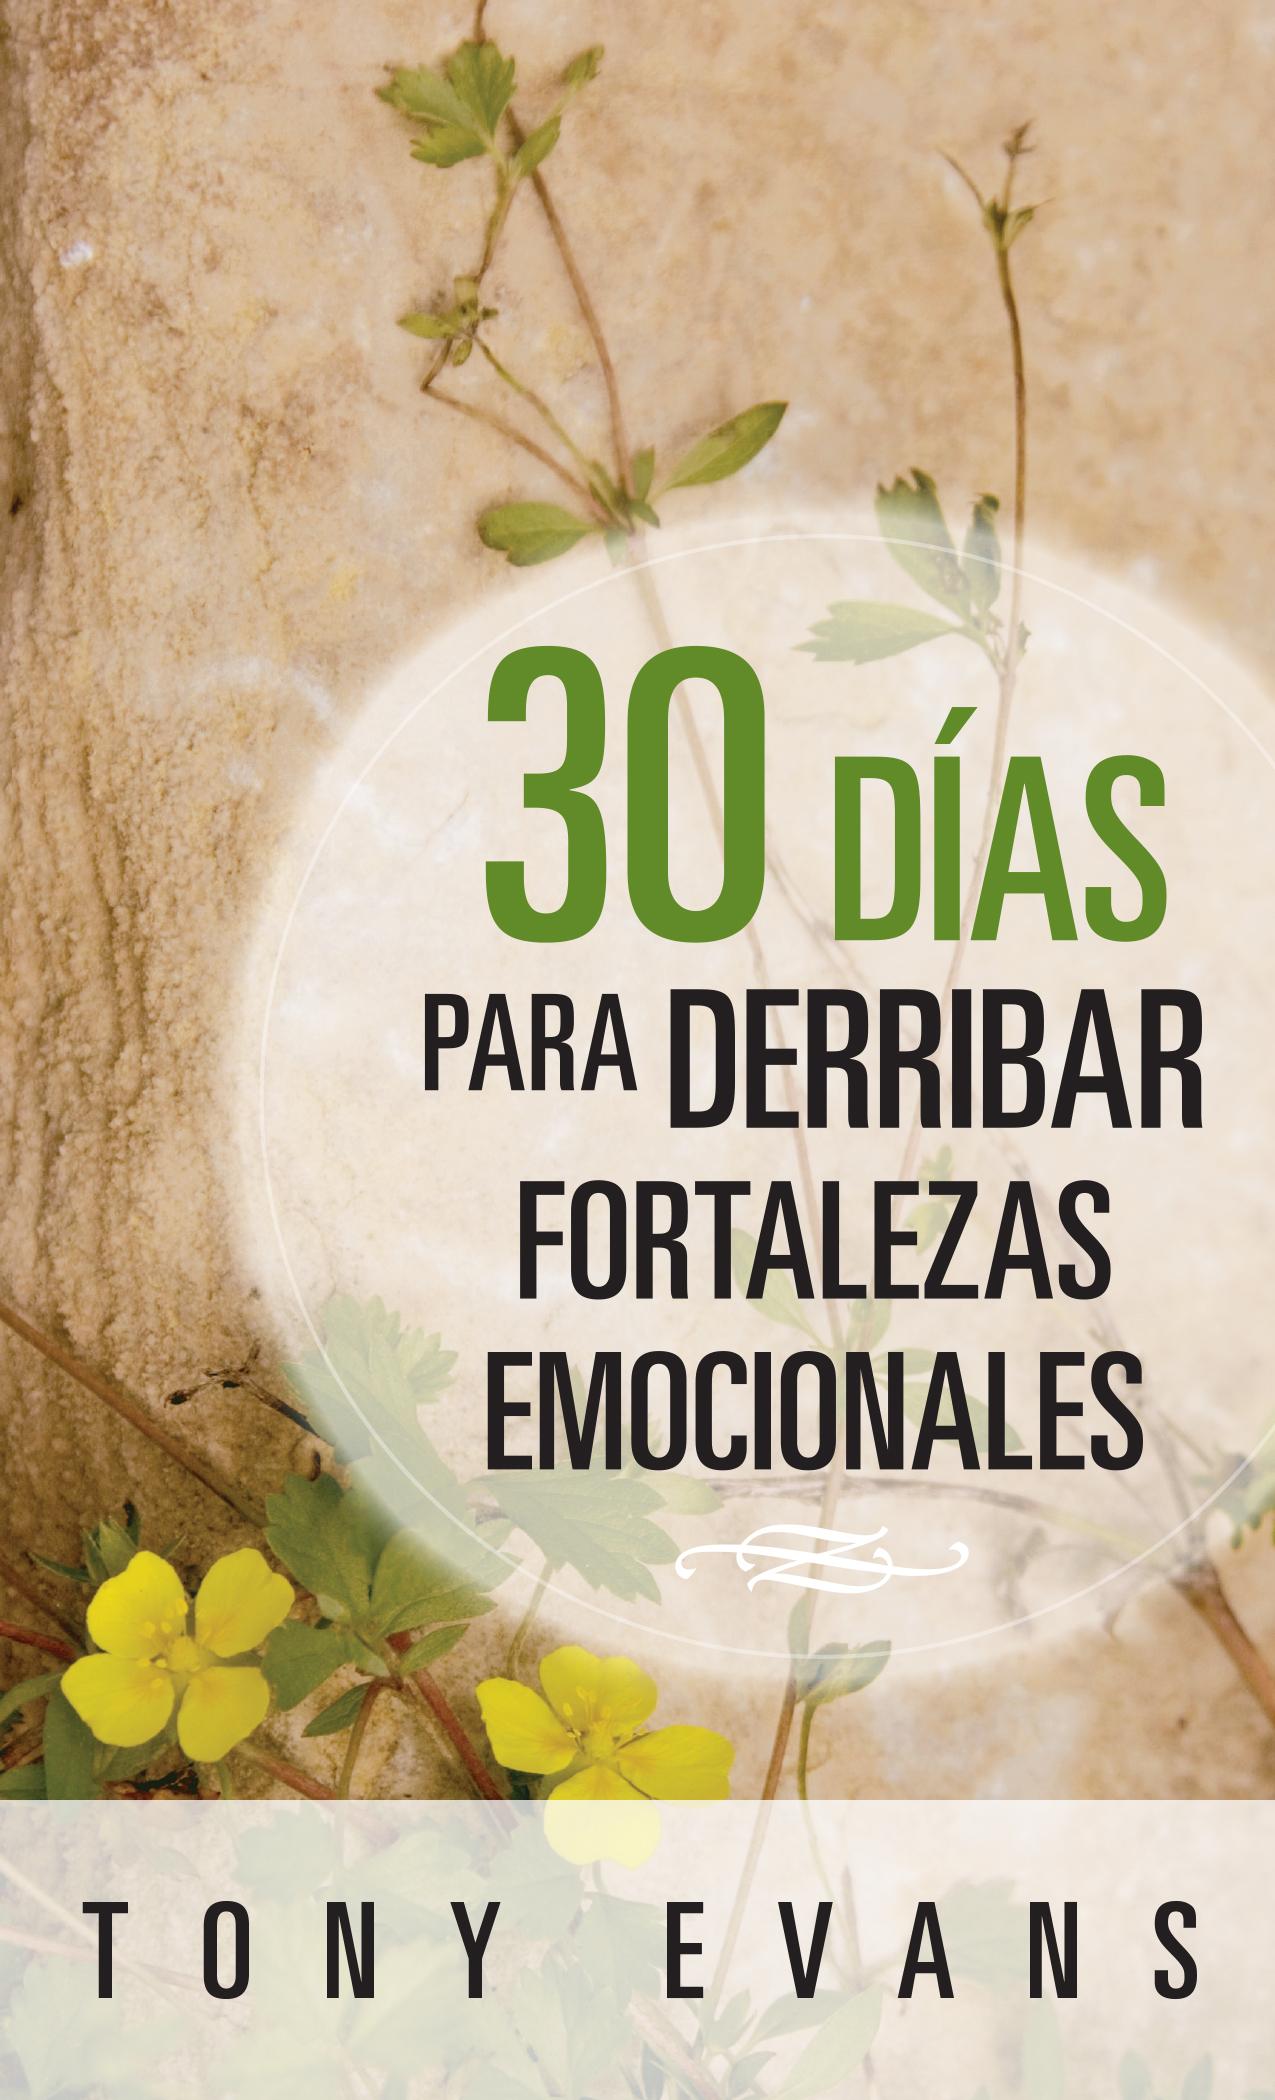 30 días para Derribar Fortalezas Emocionales